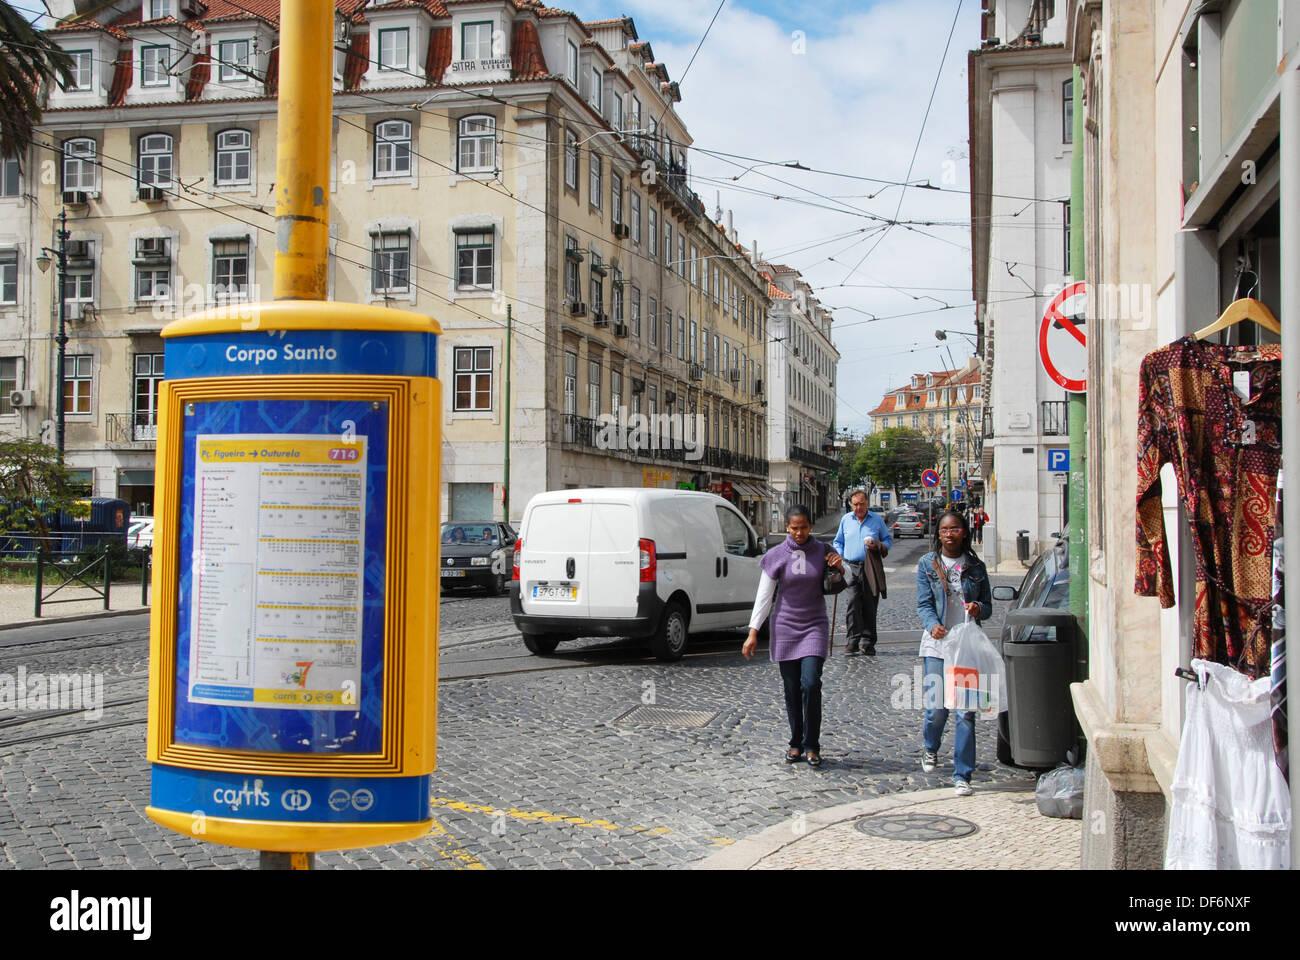 Largo do Corpo Santo fermata di transito. Chiado. Lisbona, Portogallo Immagini Stock